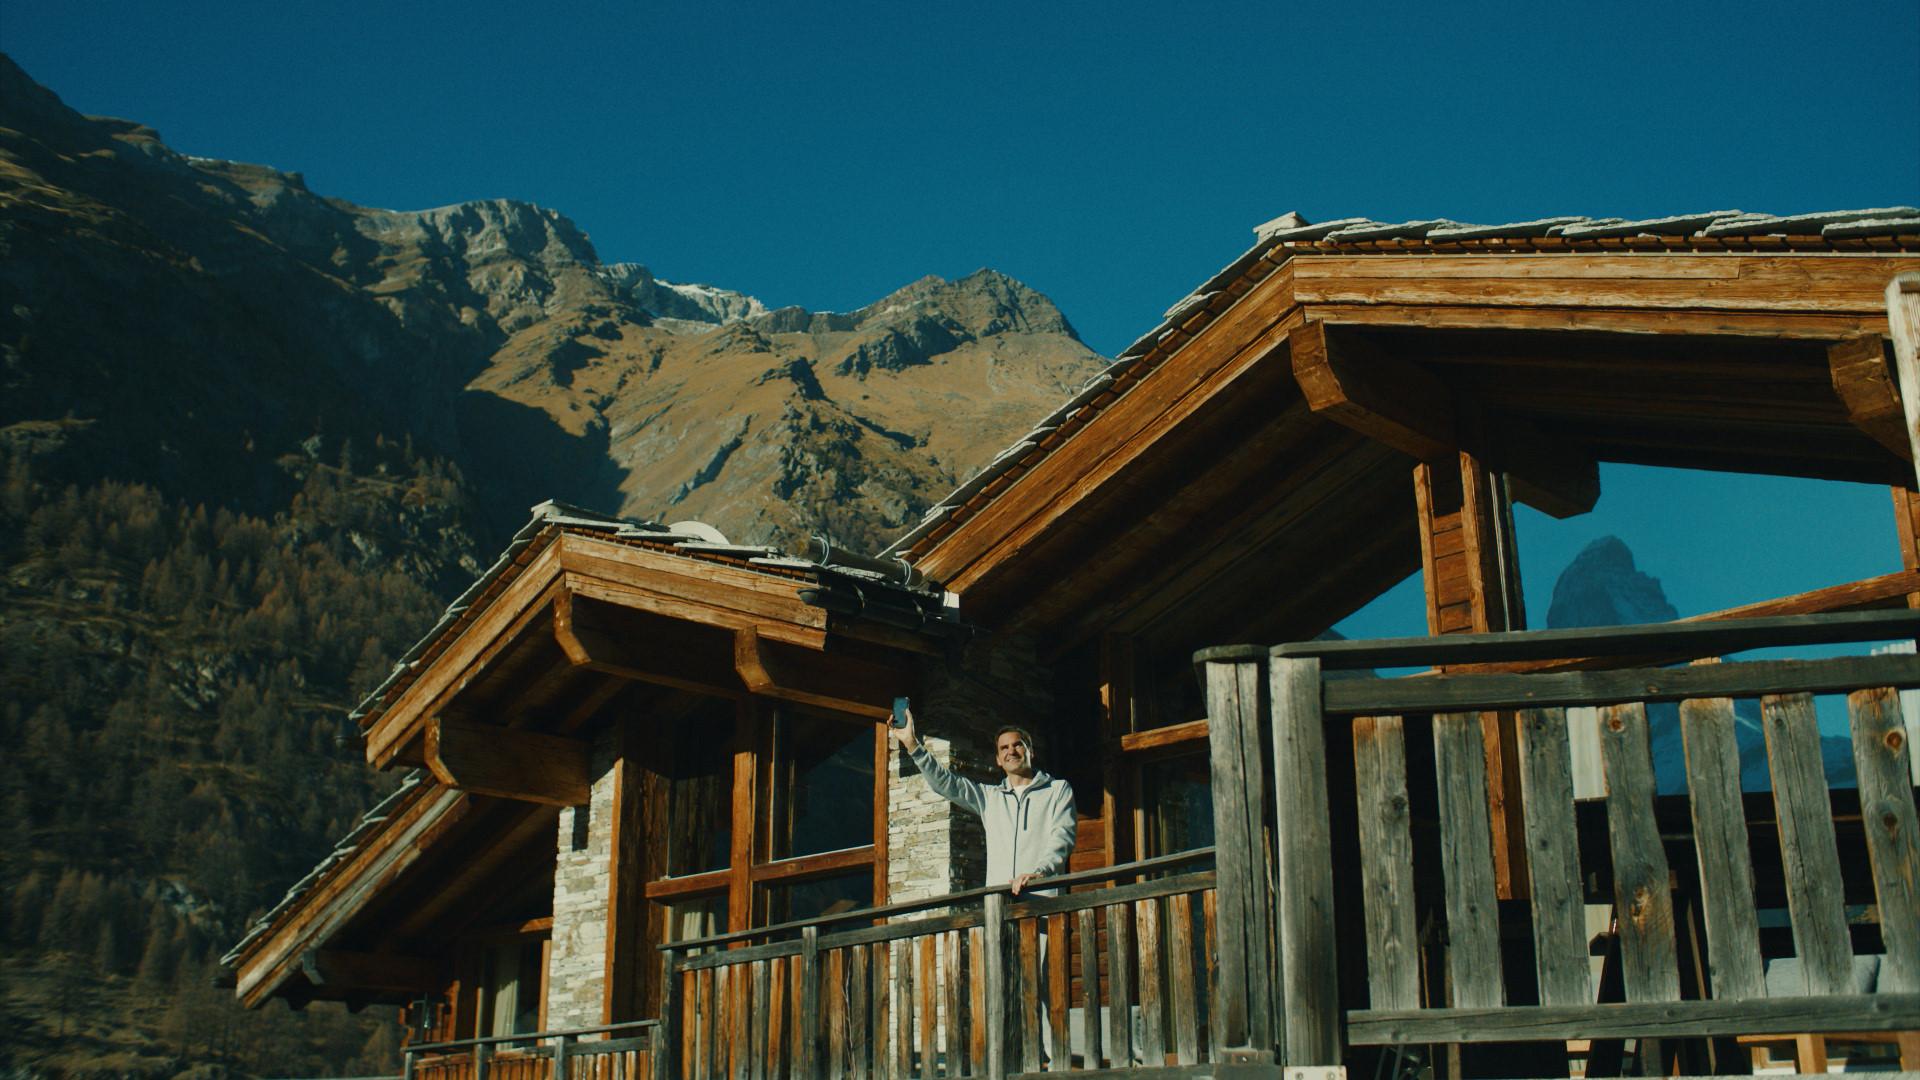 swiss_tourism_main_film_90s_210328_v002-0017